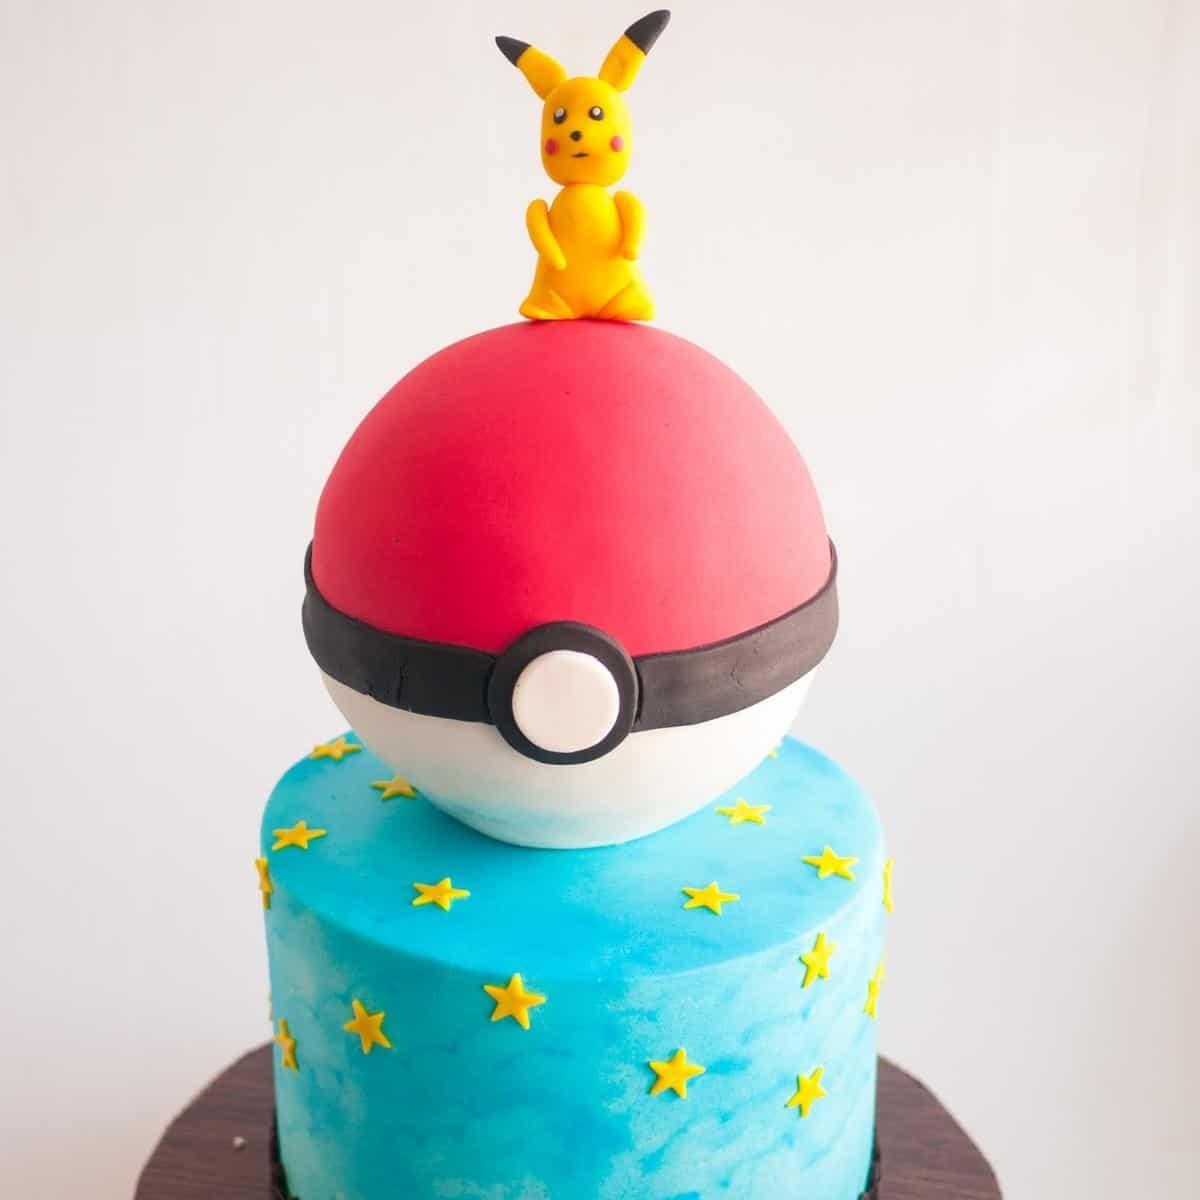 A Pikachu cake covered in fondant.